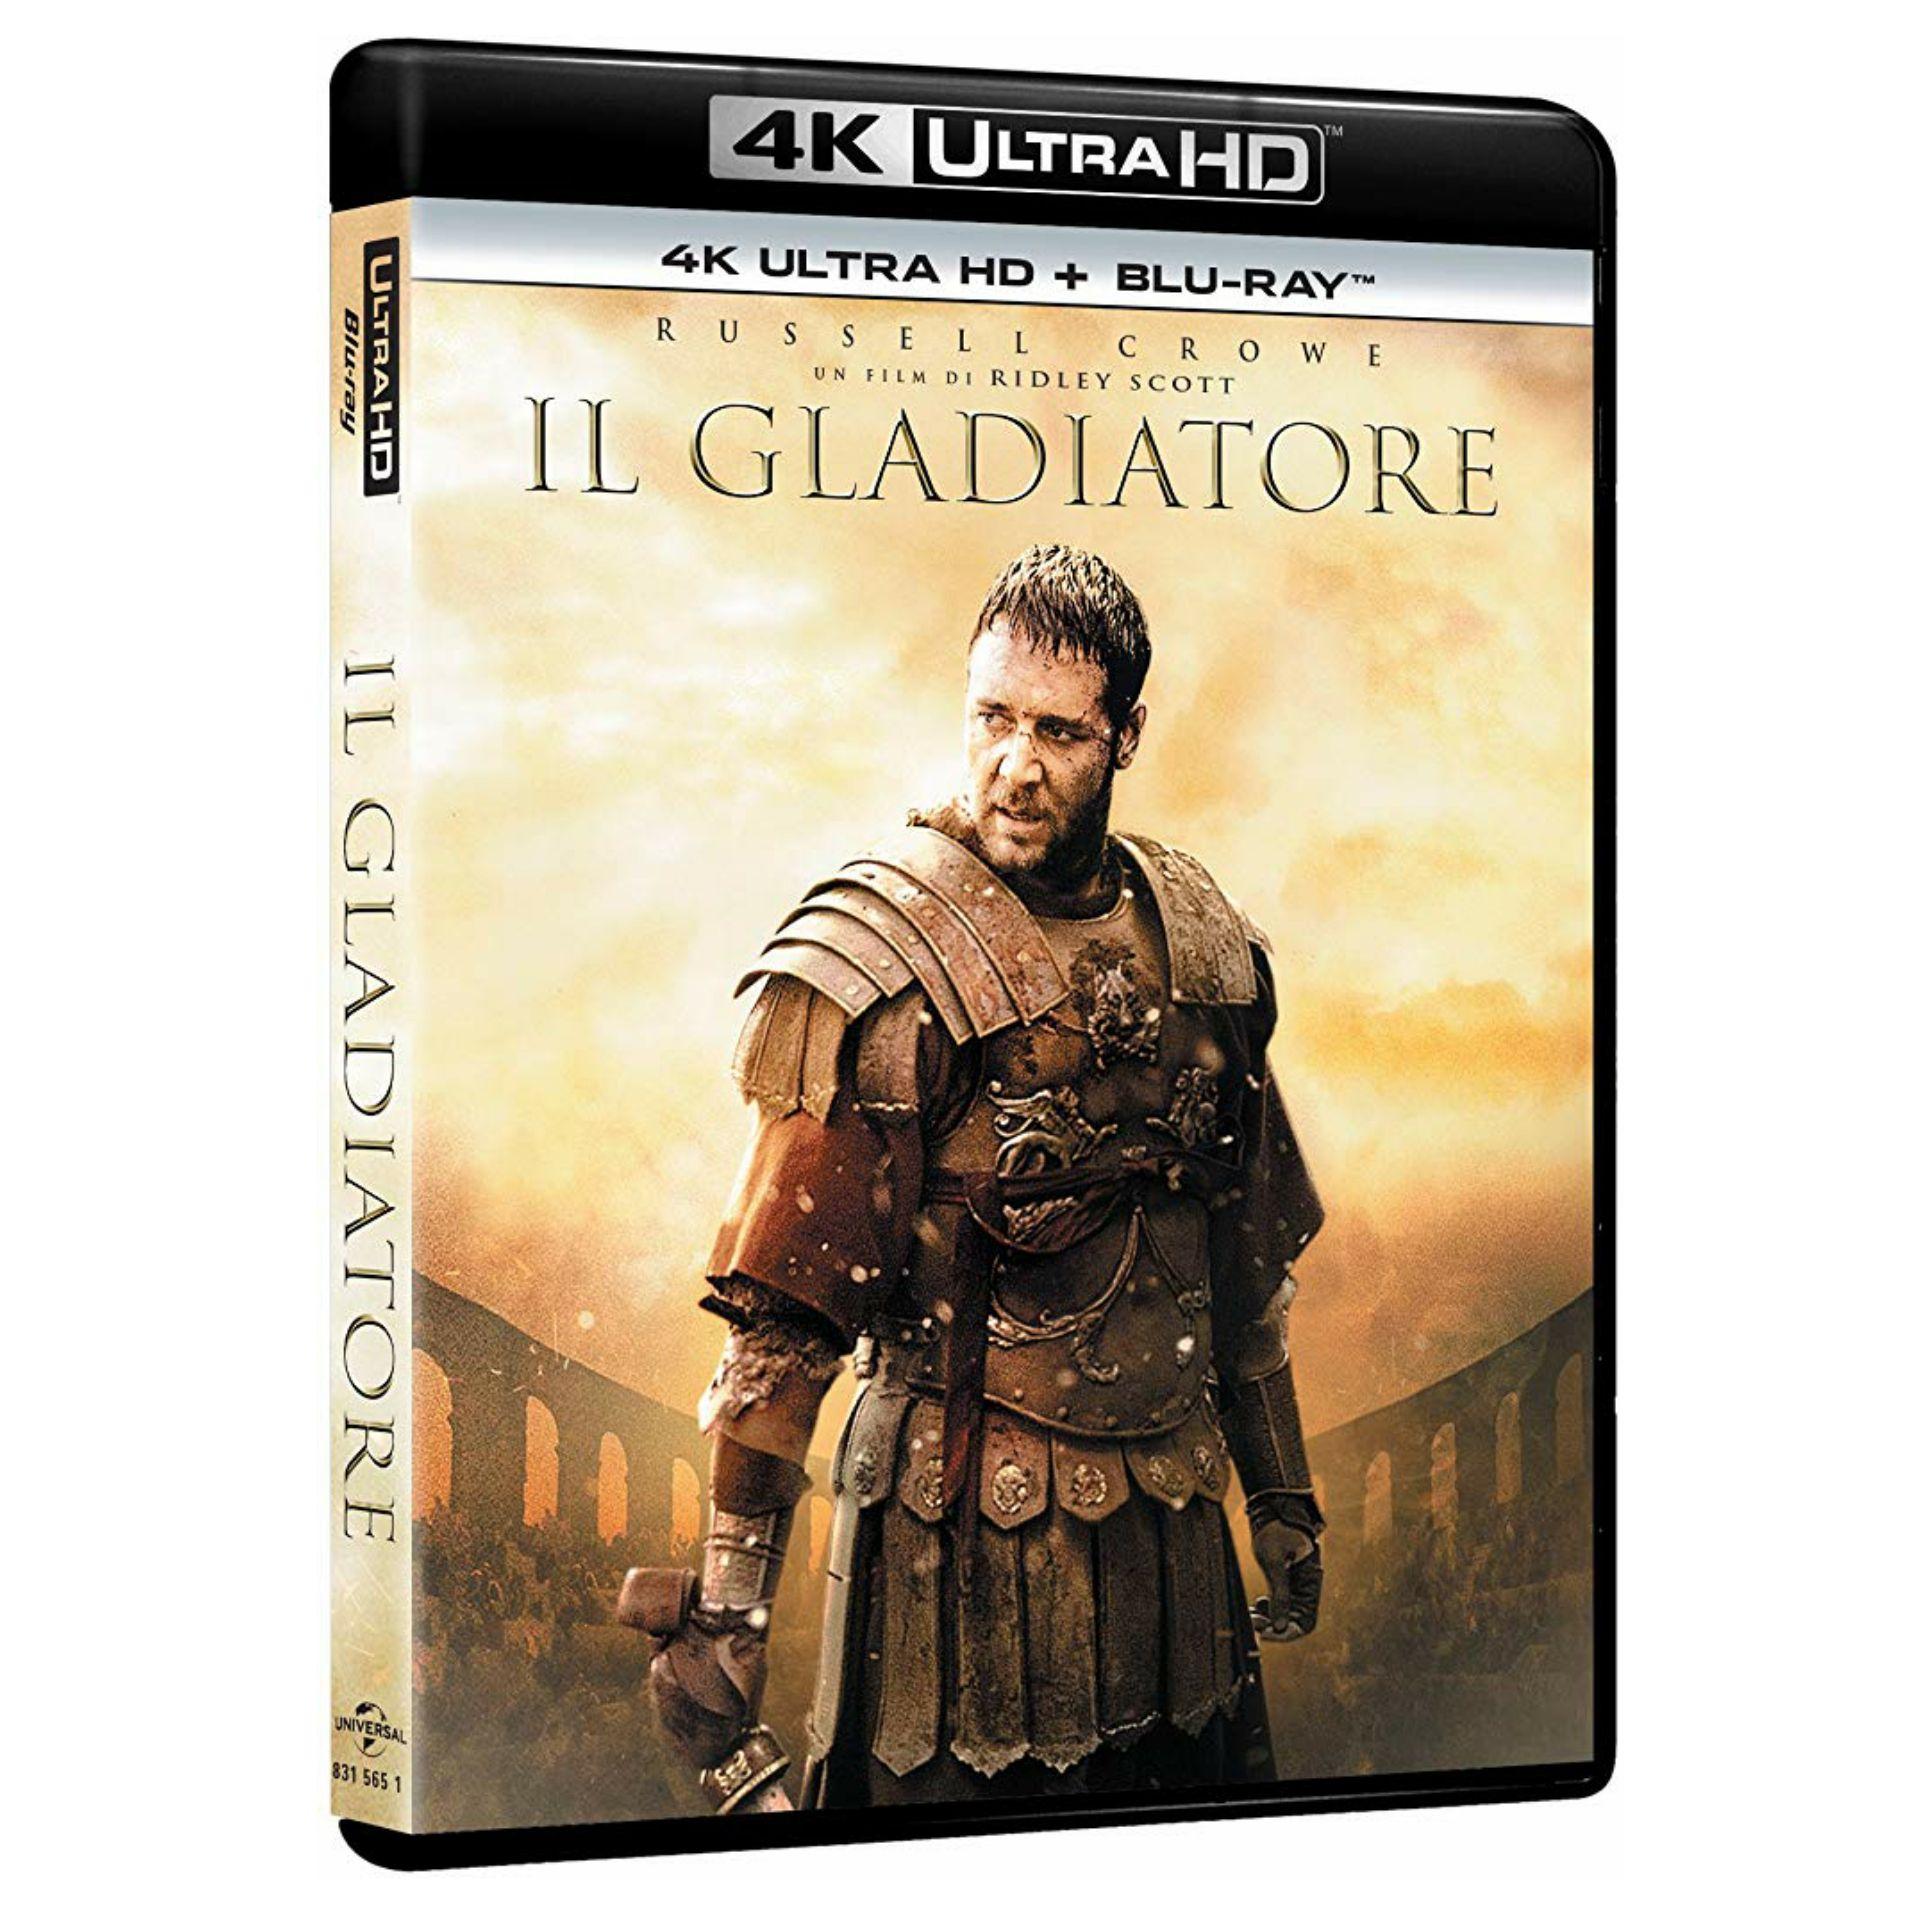 Gladiator 4K Ultra HD + Blu-Ray en Castellano